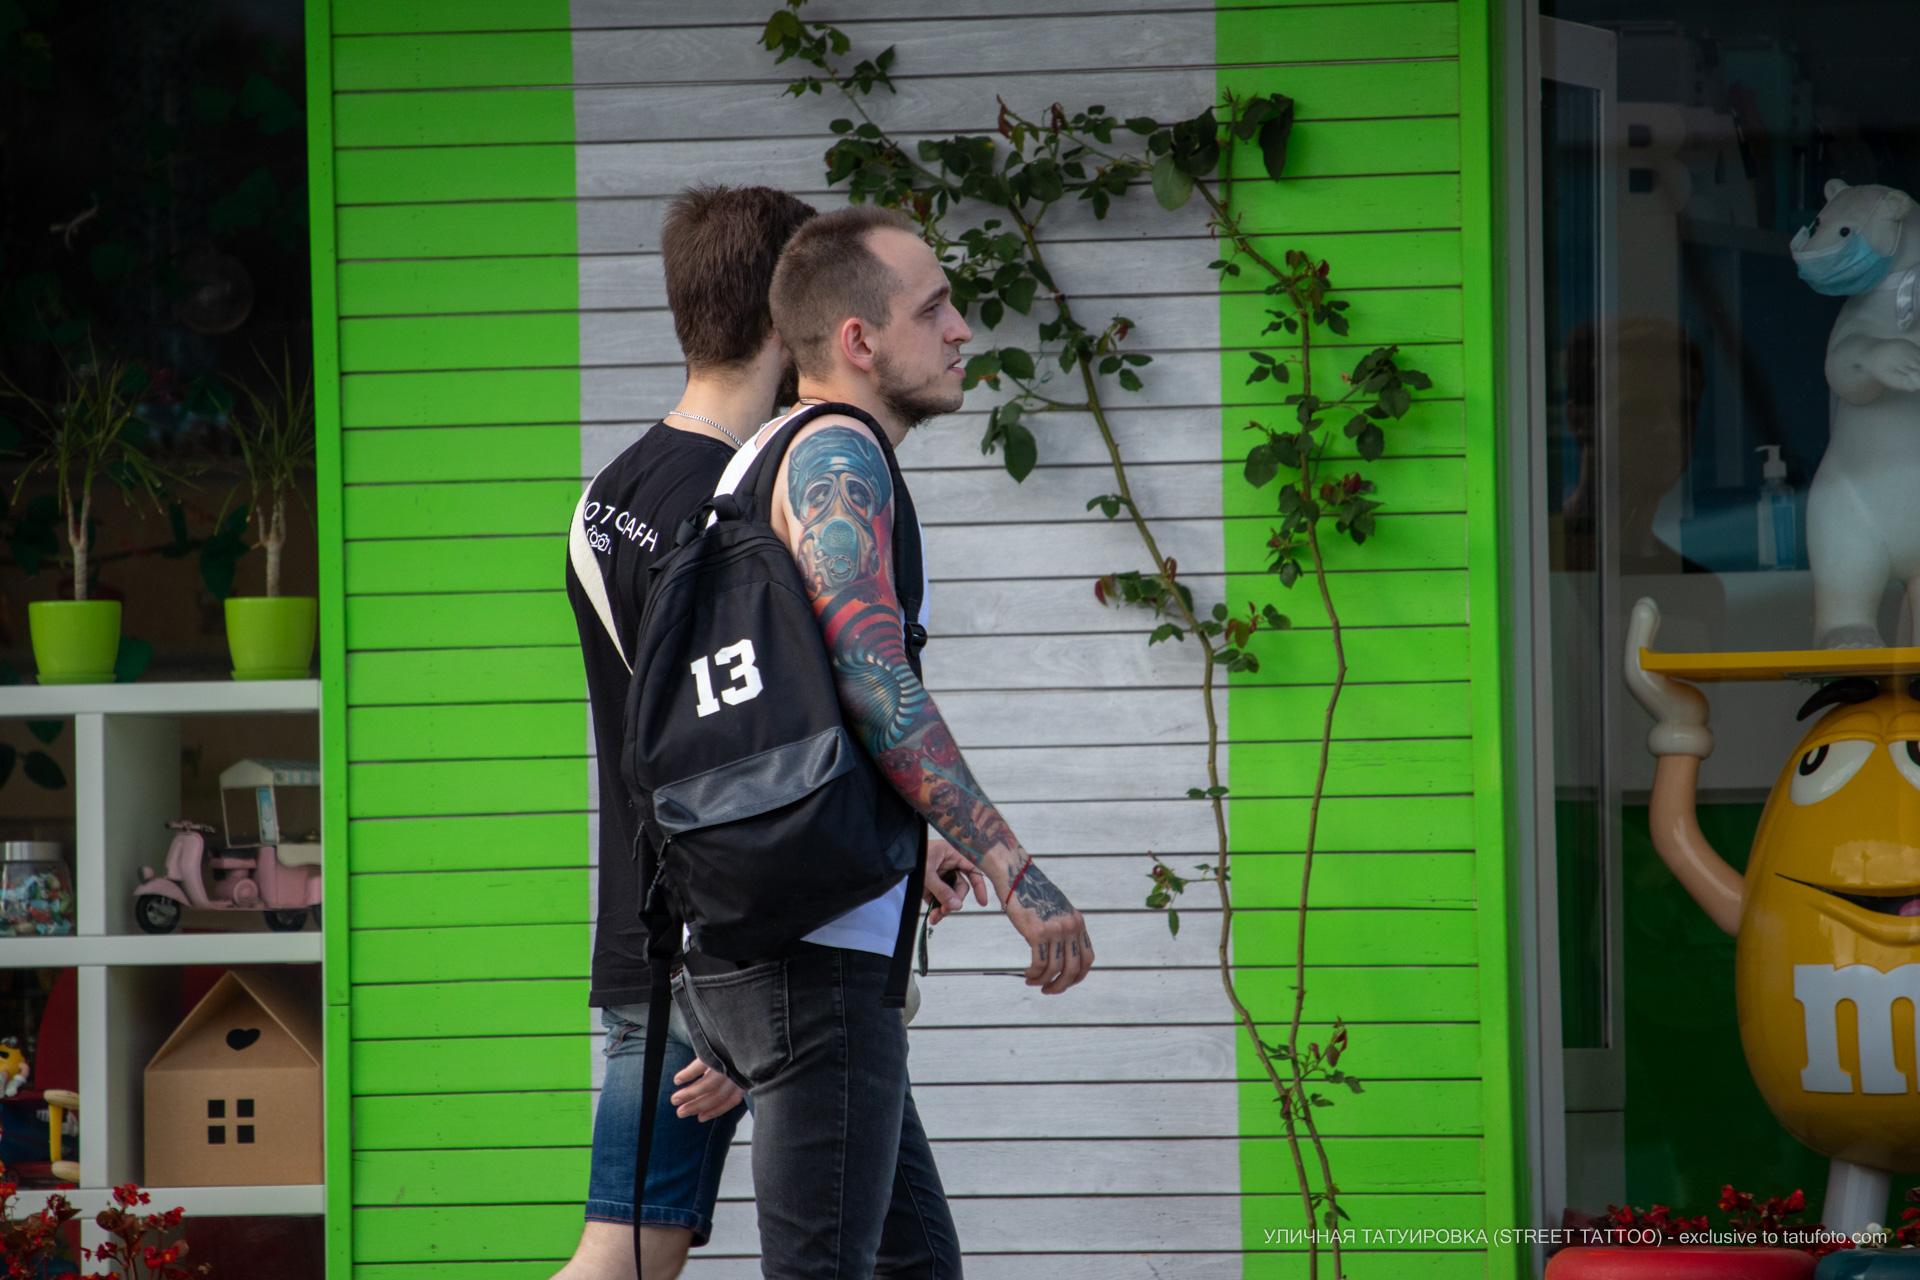 Парень на улице с красивыми тату на руках - Уличная татуировка (street tattoo) № 06 – 18.06.2020 – tatufoto.com 6